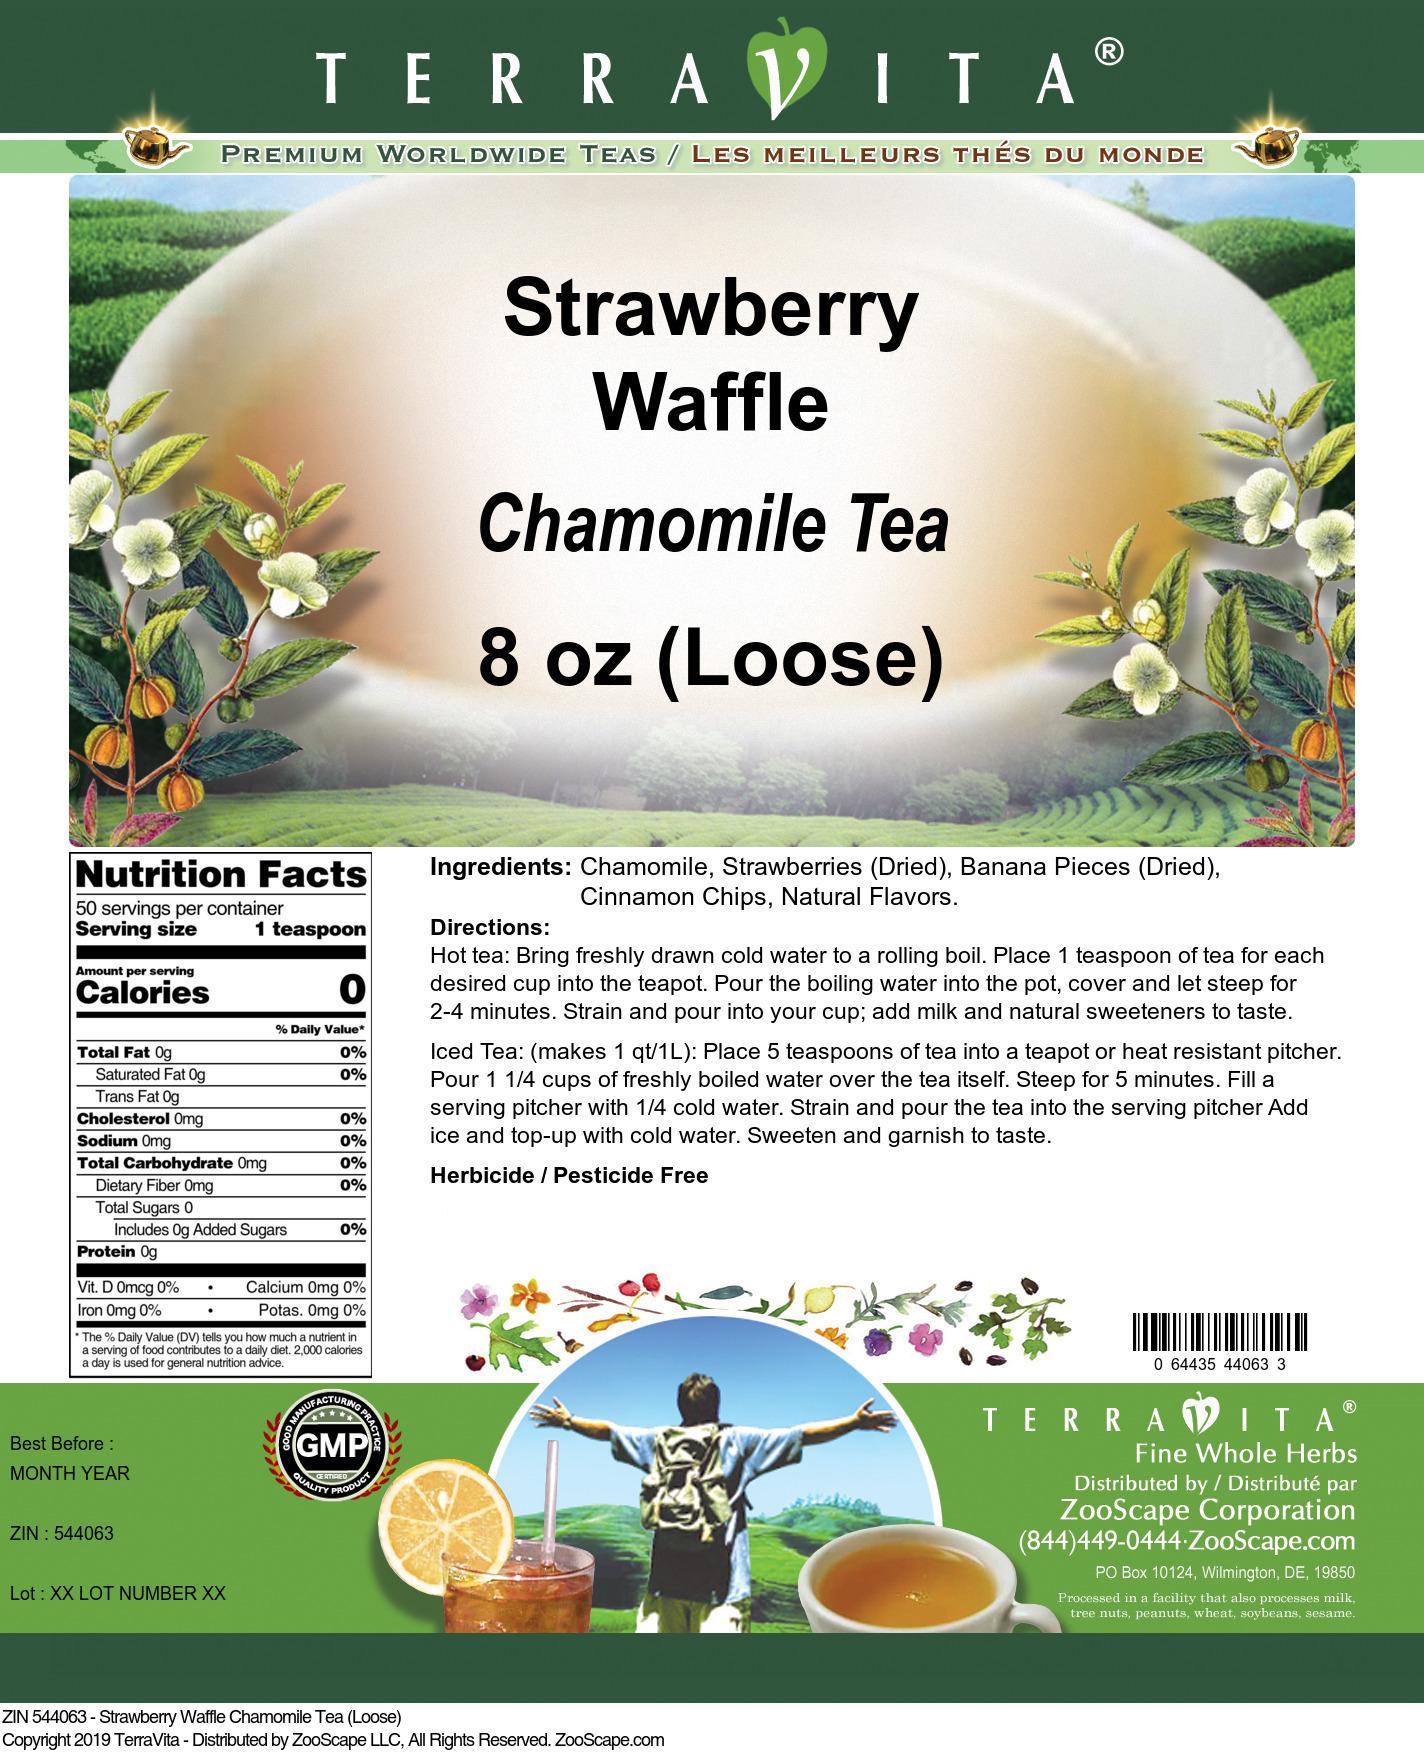 Strawberry Waffle Chamomile Tea